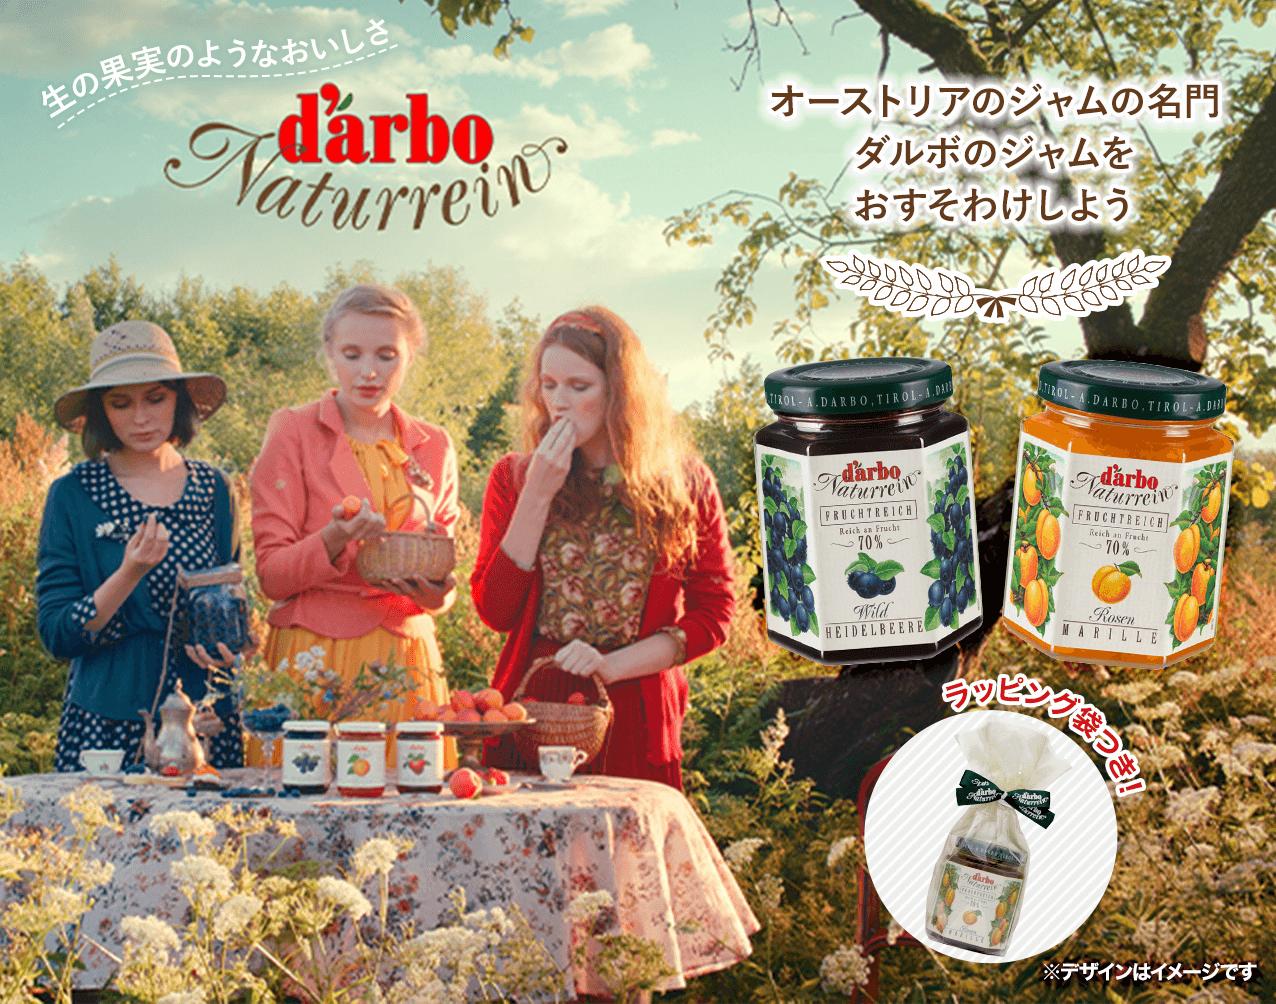 生の果実のようなおいしさ ダルボ オーストリアのジャムの名門 ダルボのジャムを おすそわけしよう ラッピング袋つき!